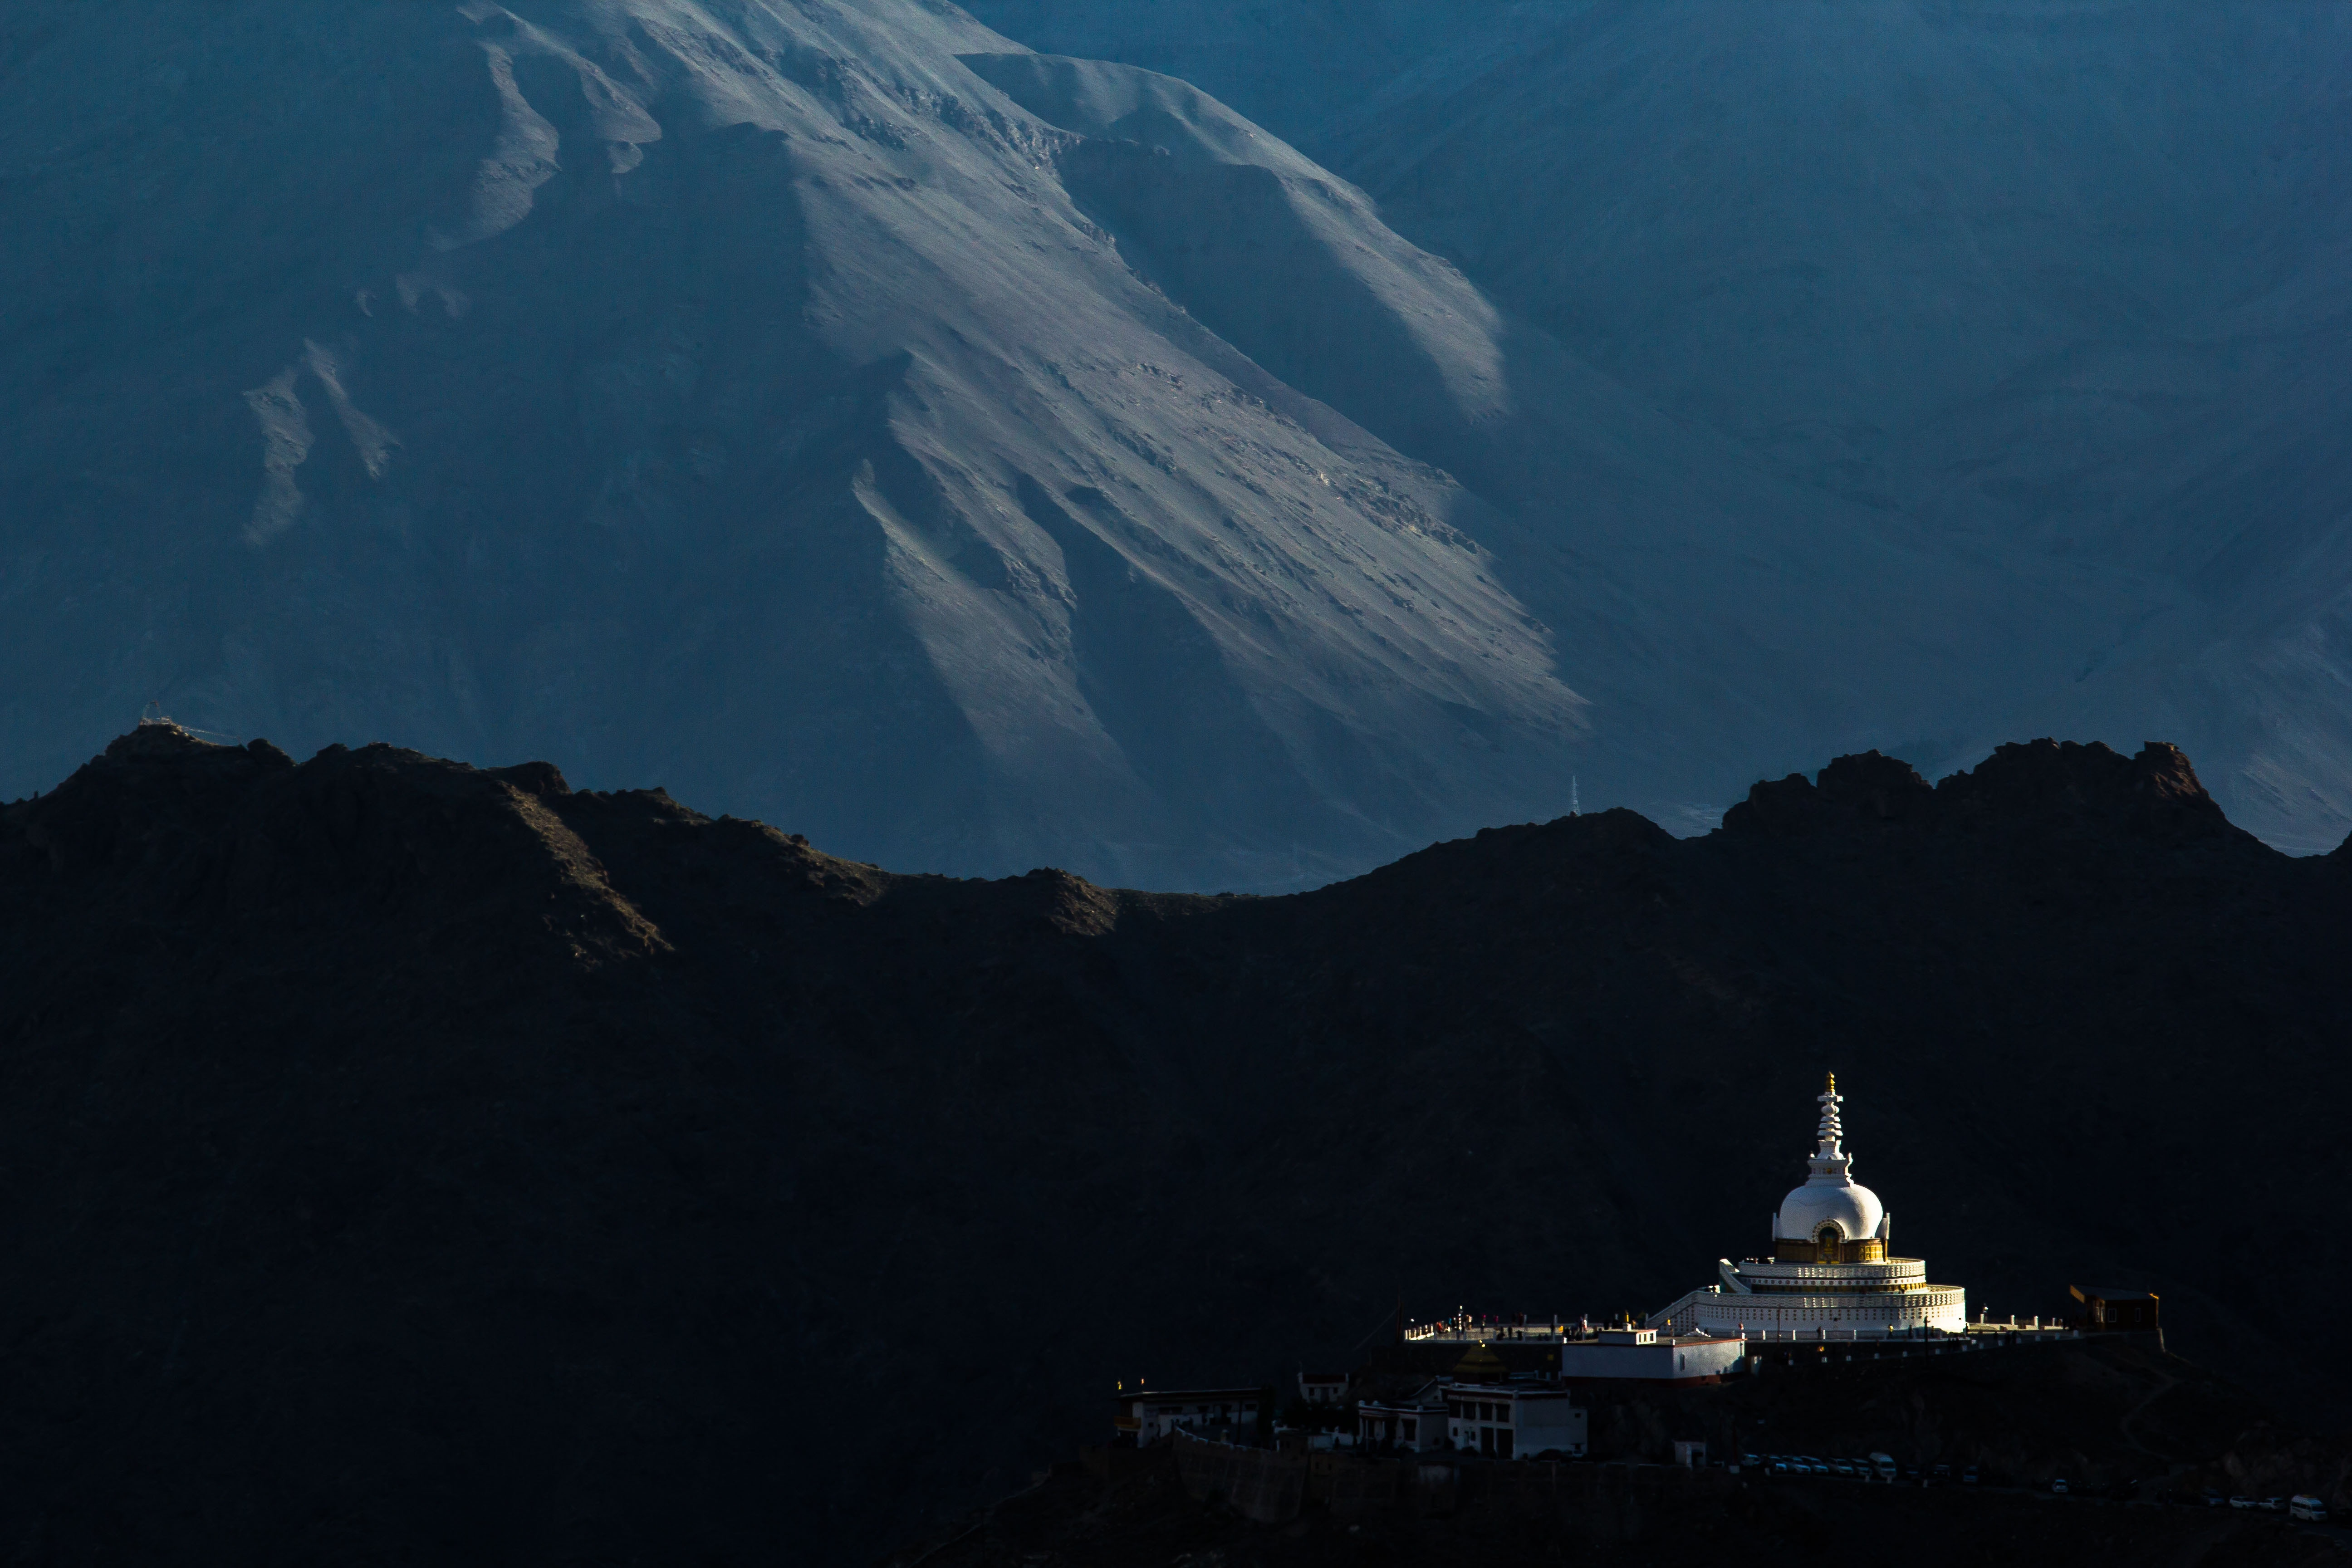 Bouddhisme et spiritualité au Ladakh